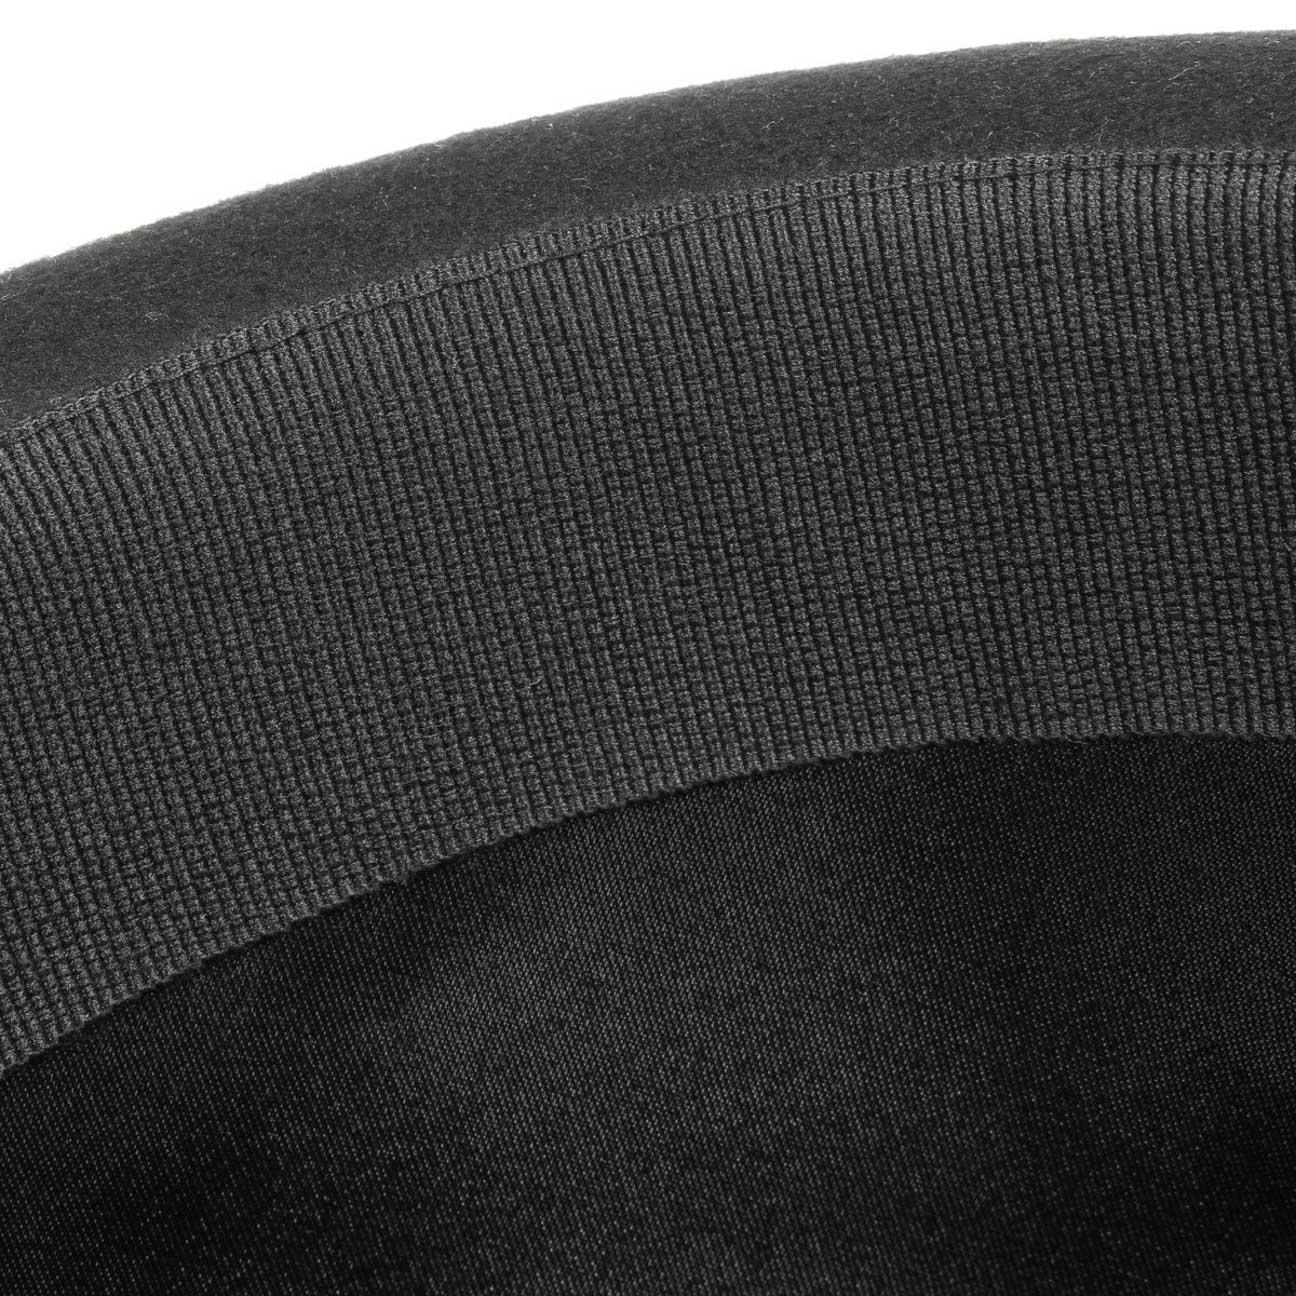 Sombrero Fieltro Bombín Uni by Lierys - Sombreros - sombreroshop.es 8c8ef3eec05